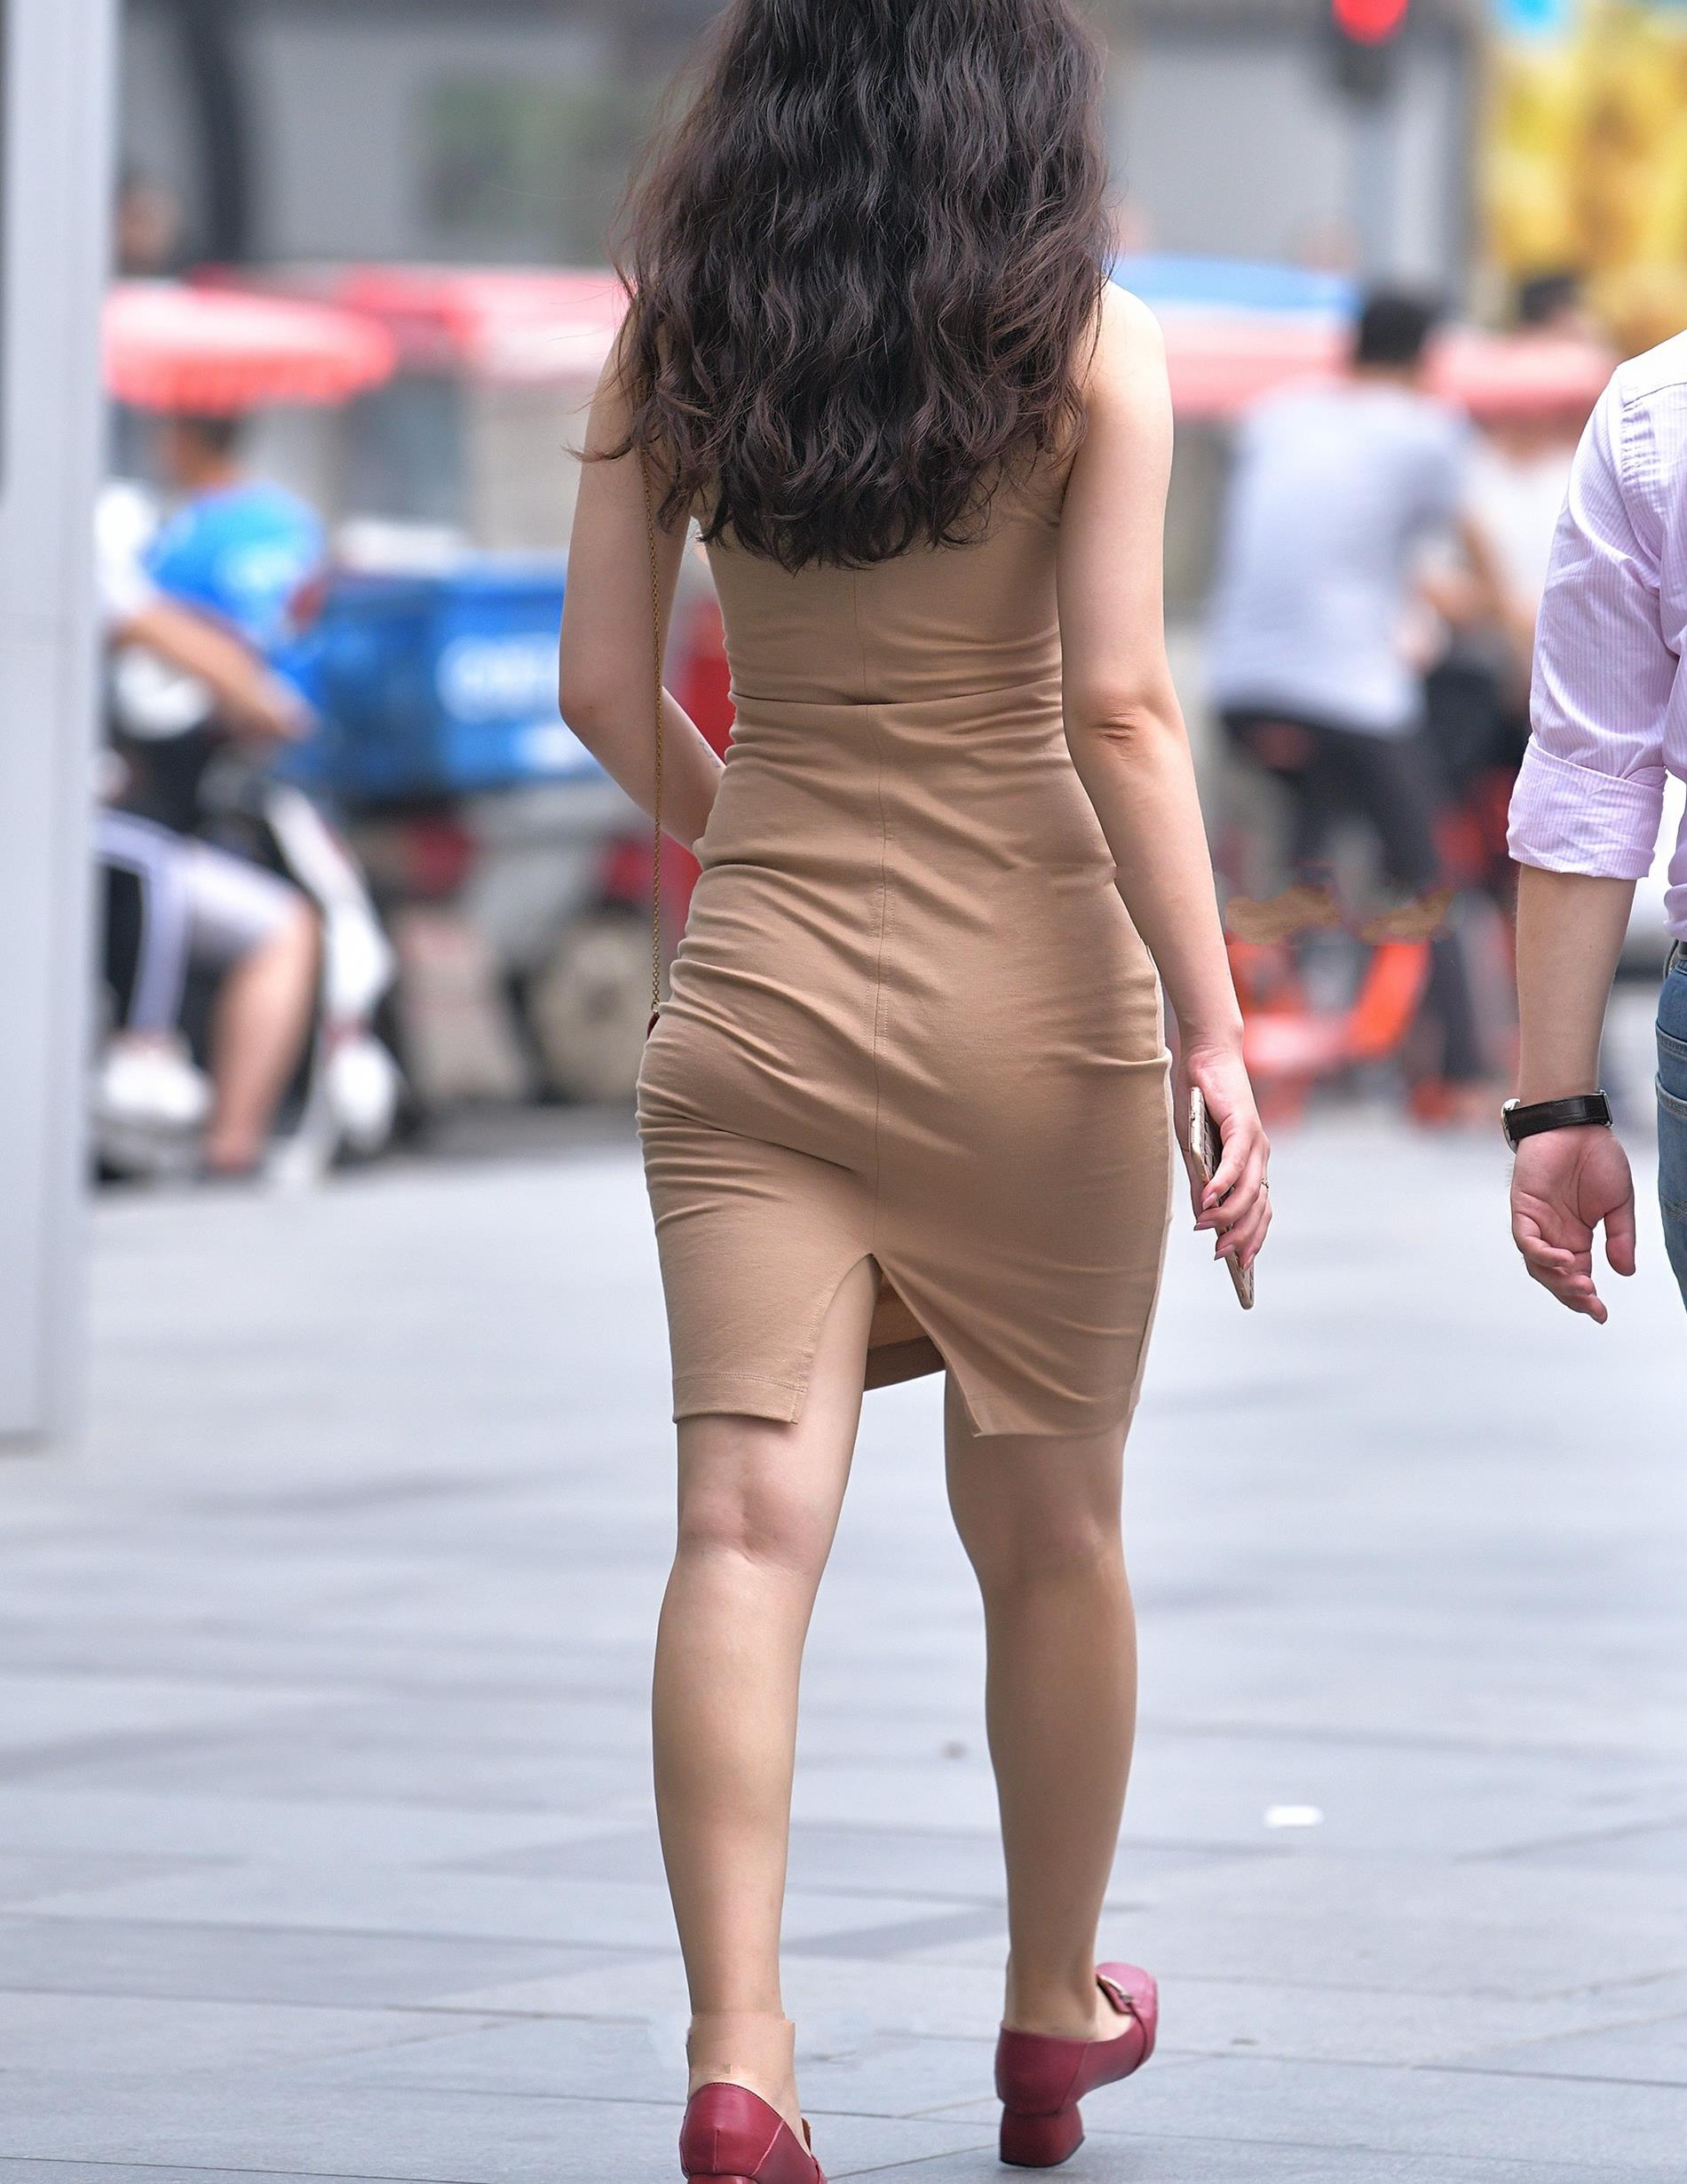 肉色修身连衣裙搭配红色浅口鞋,经典百搭,尽显优雅大气